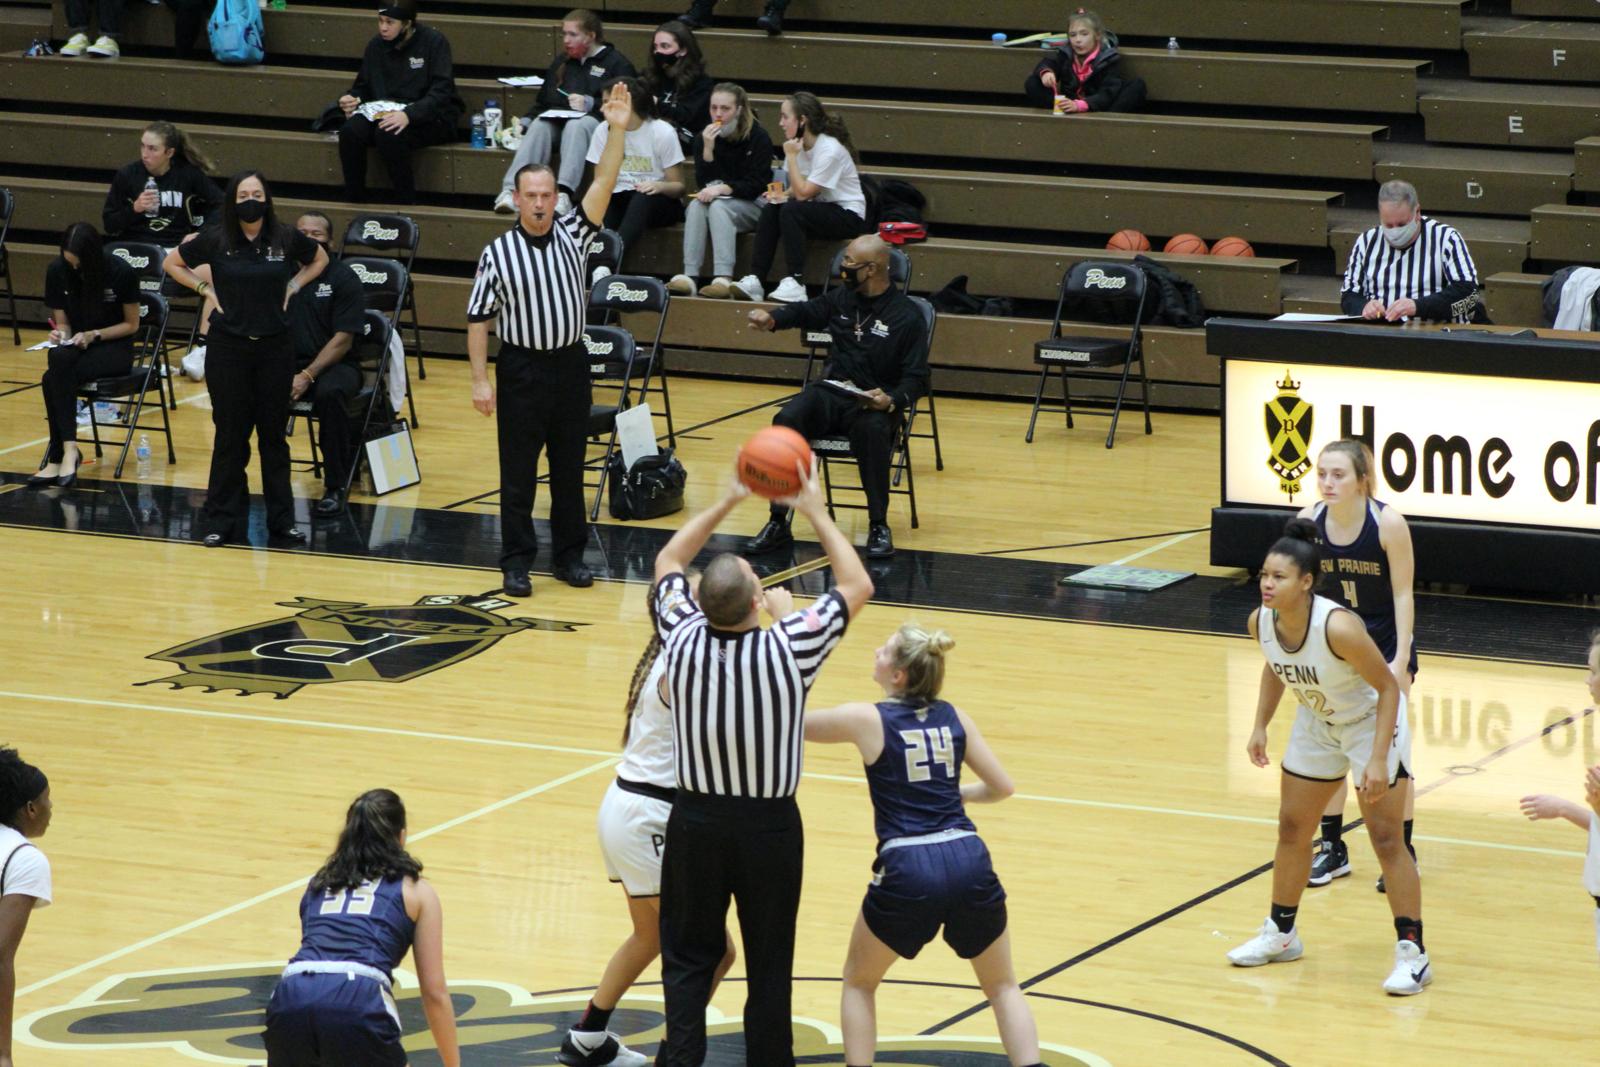 Girls Varsity Basketball vs. Penn 1/5/2021 (Photo Gallery)